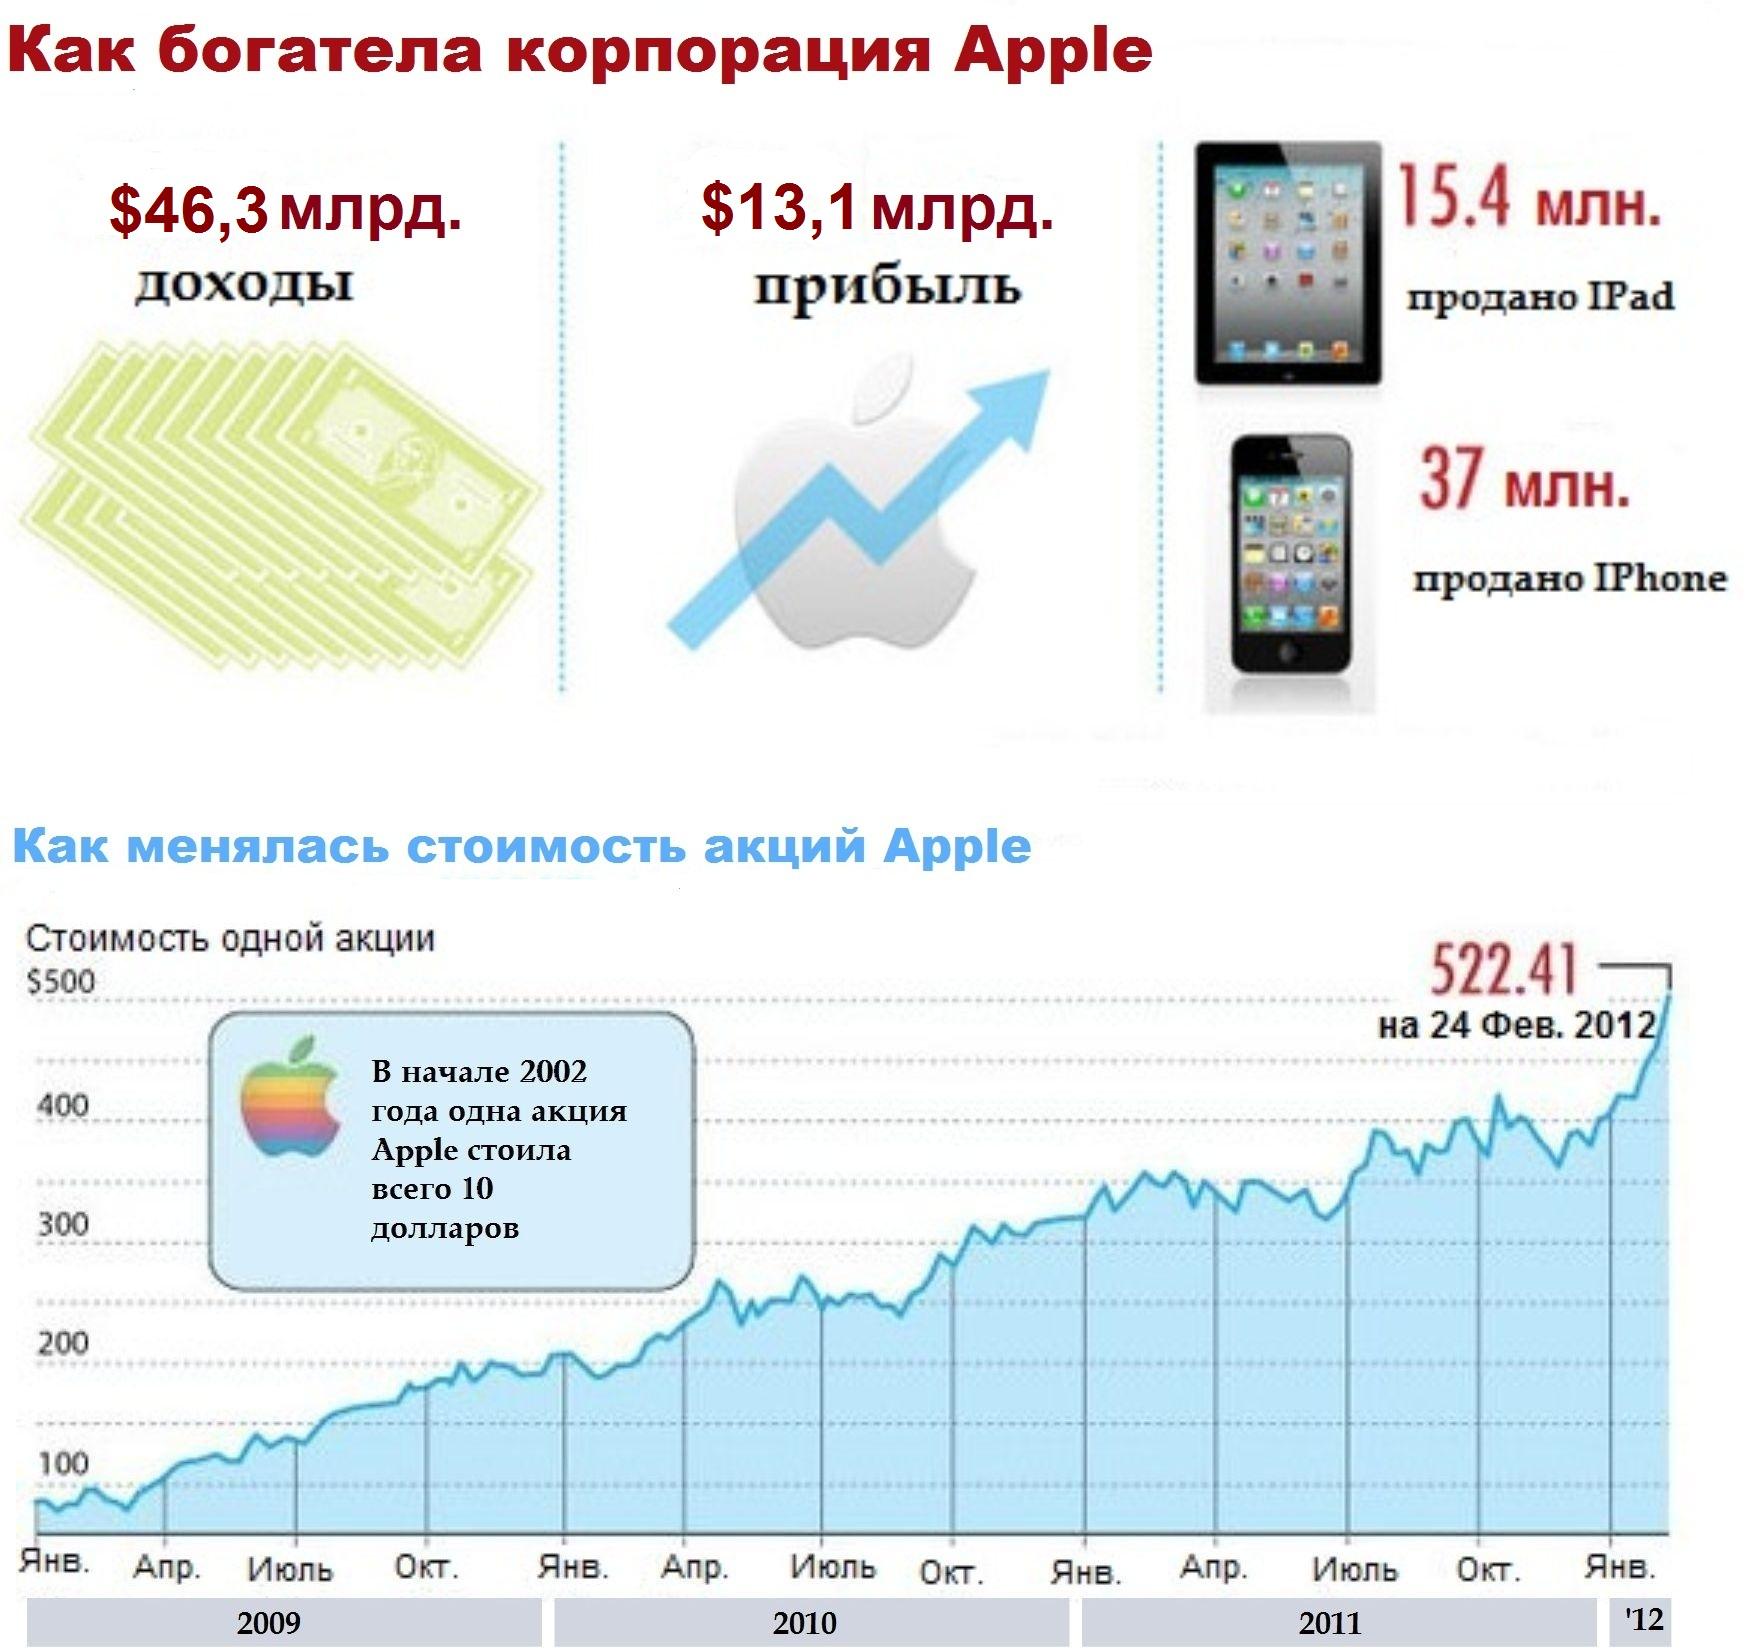 Как росли в цене акции Apple